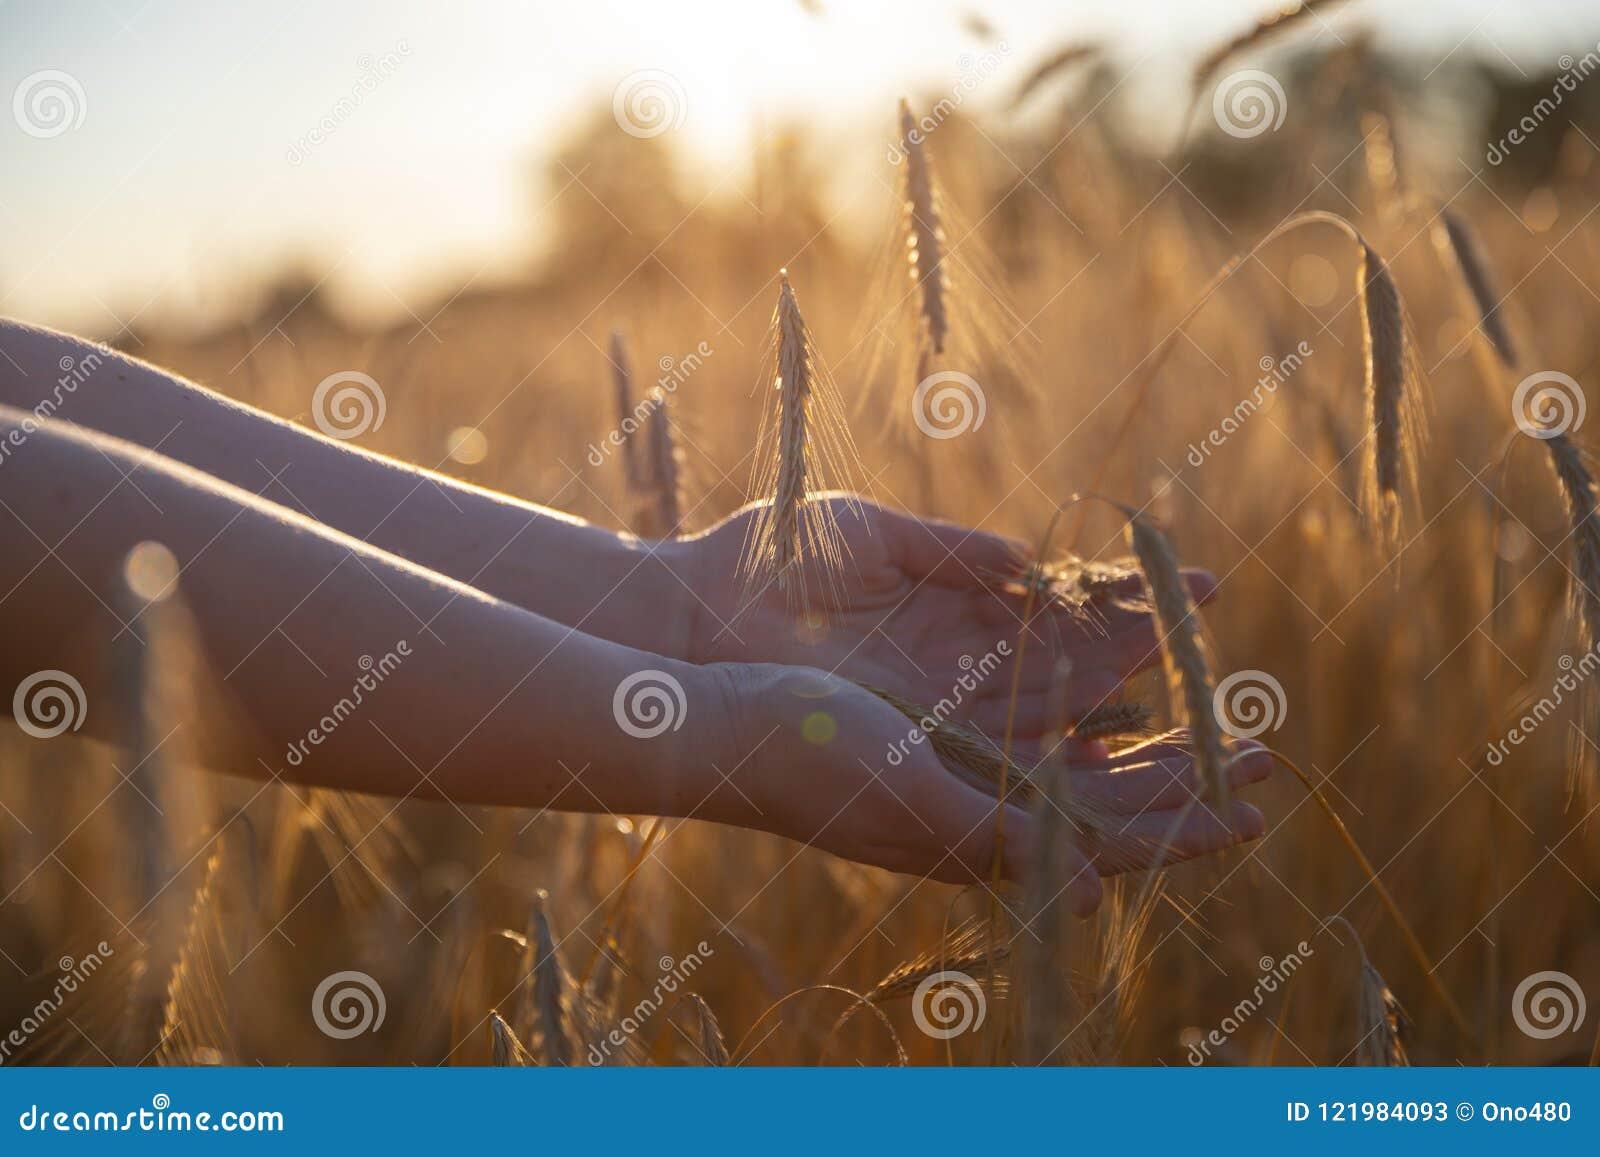 Main sur un champ de blé